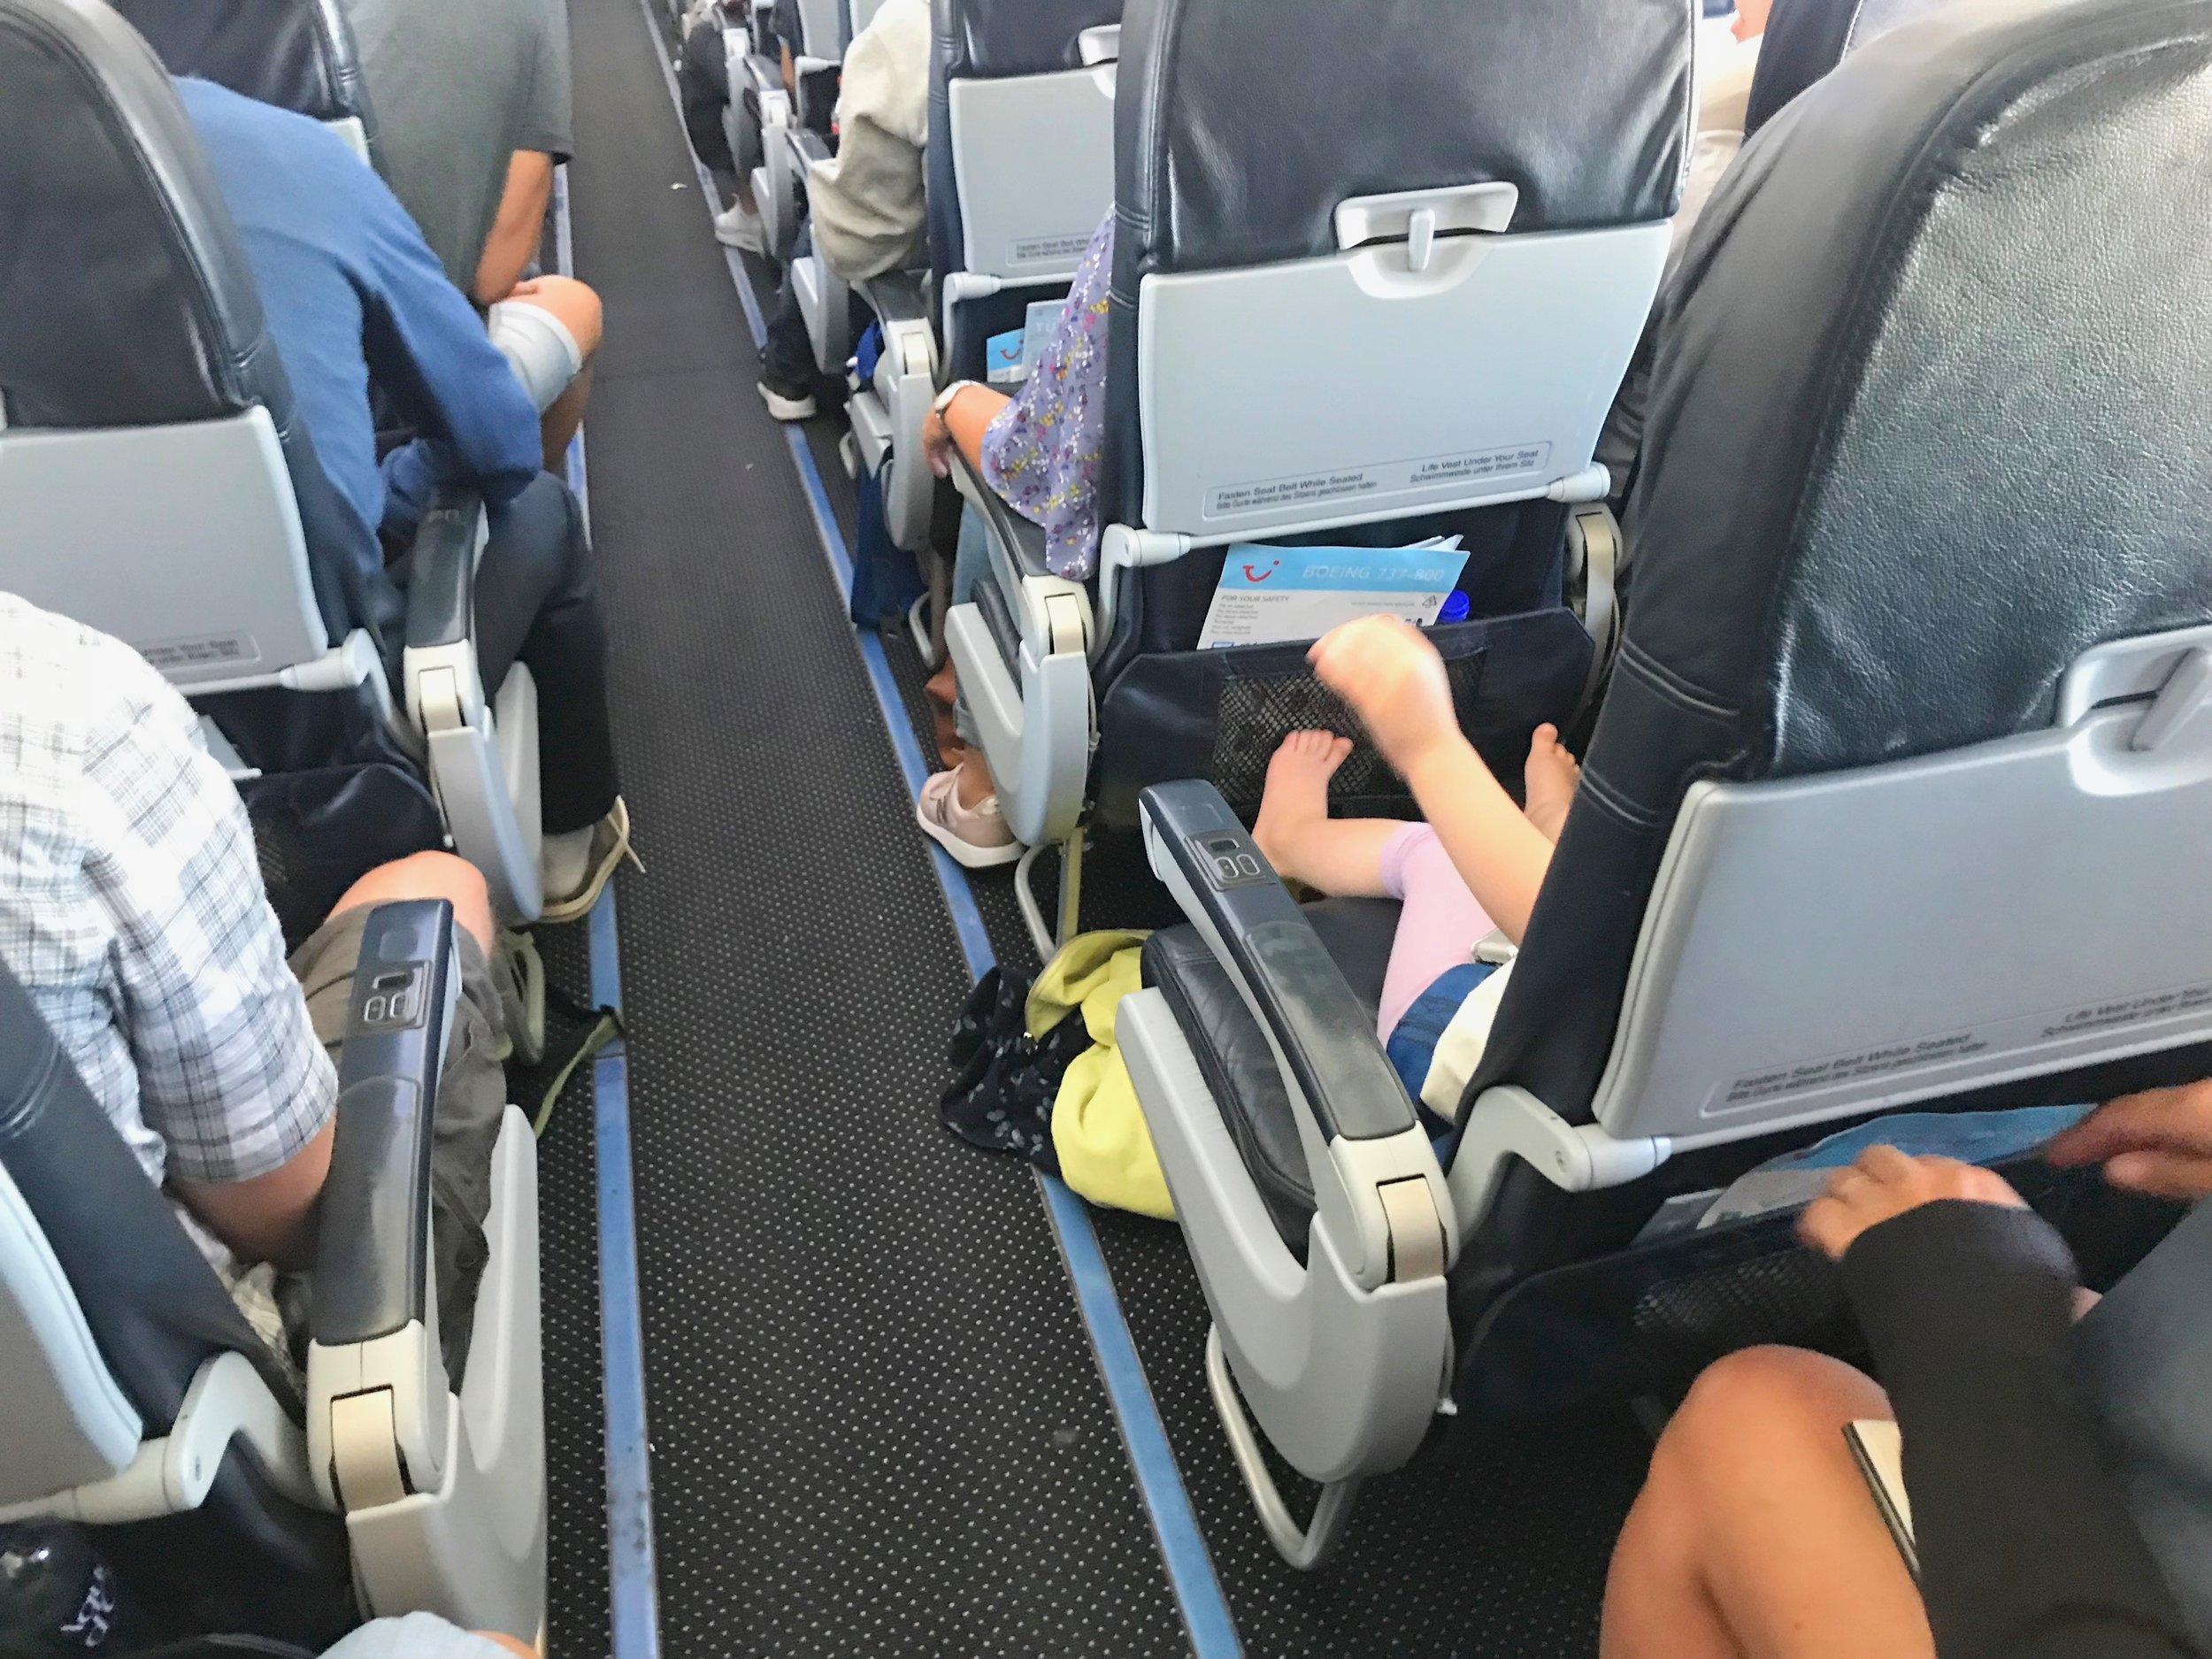 bb56e2708 Kabinpersonalets 10 beste tips for å fly med barn — The Travel Inspector